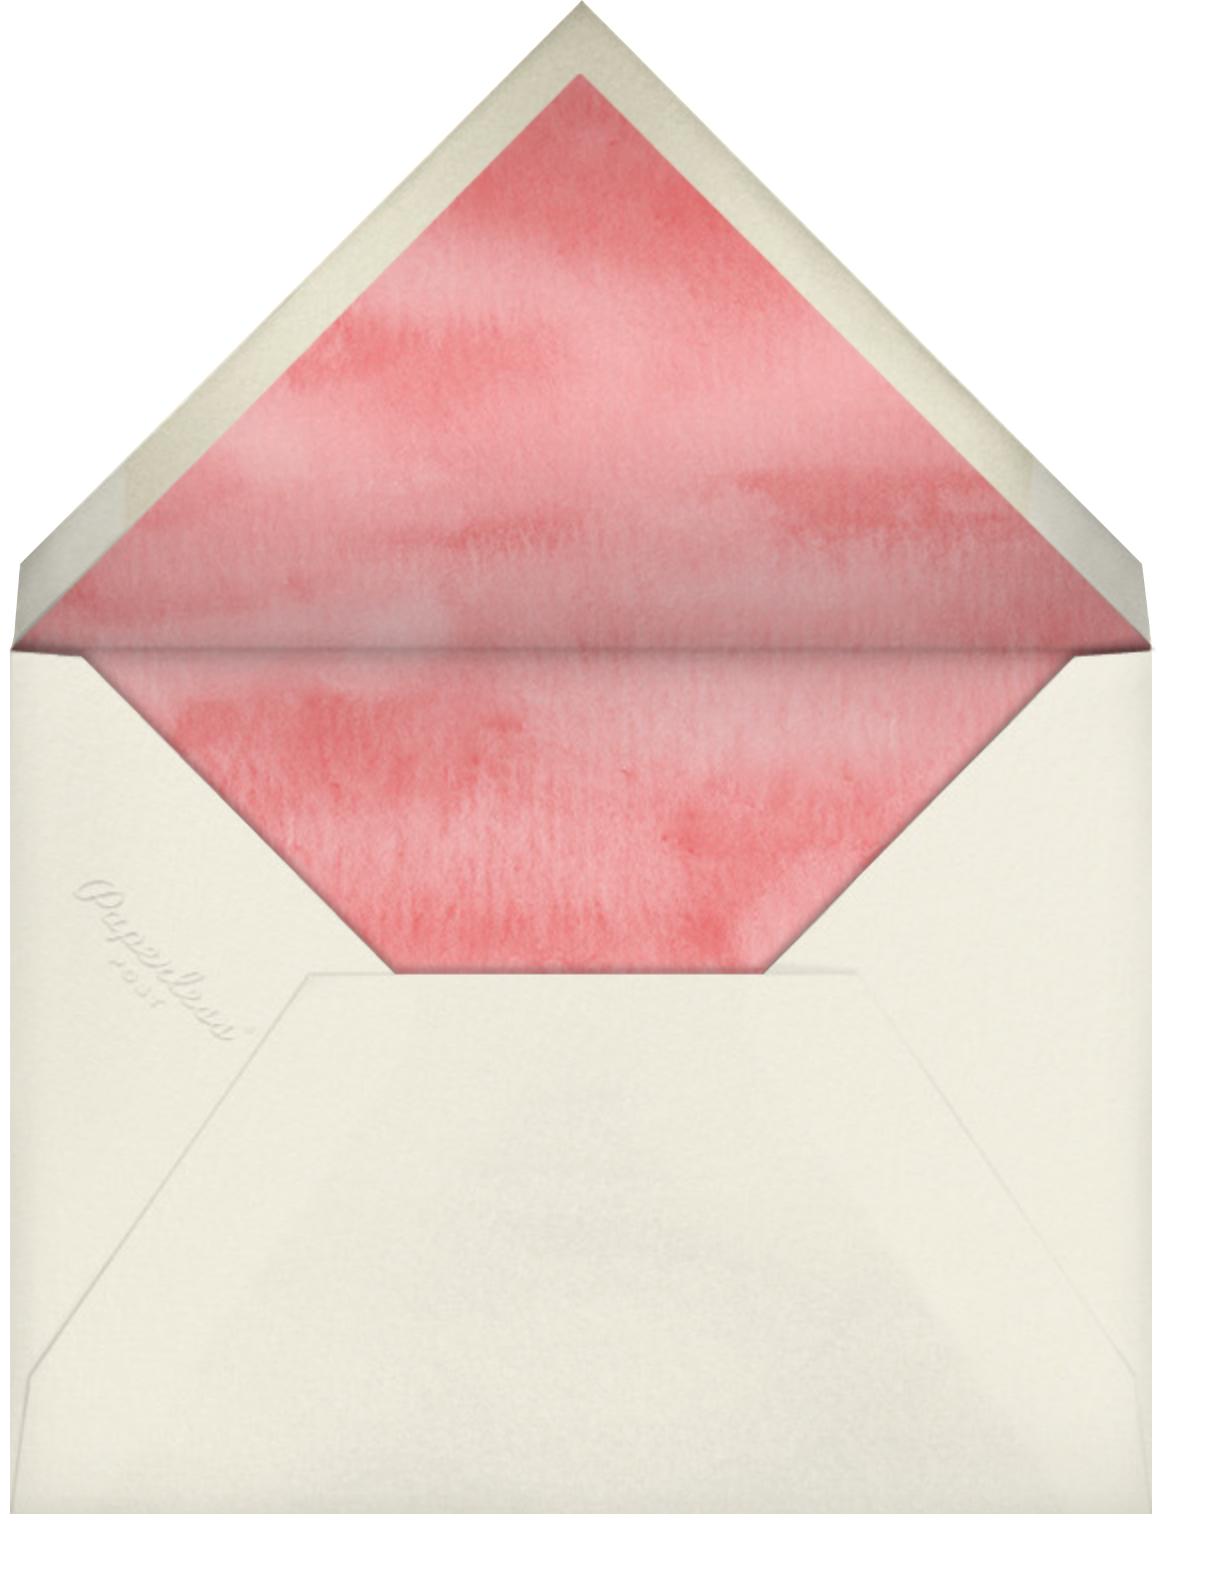 Japanese Cherry (Stationery) - Felix Doolittle - Personalized stationery - envelope back